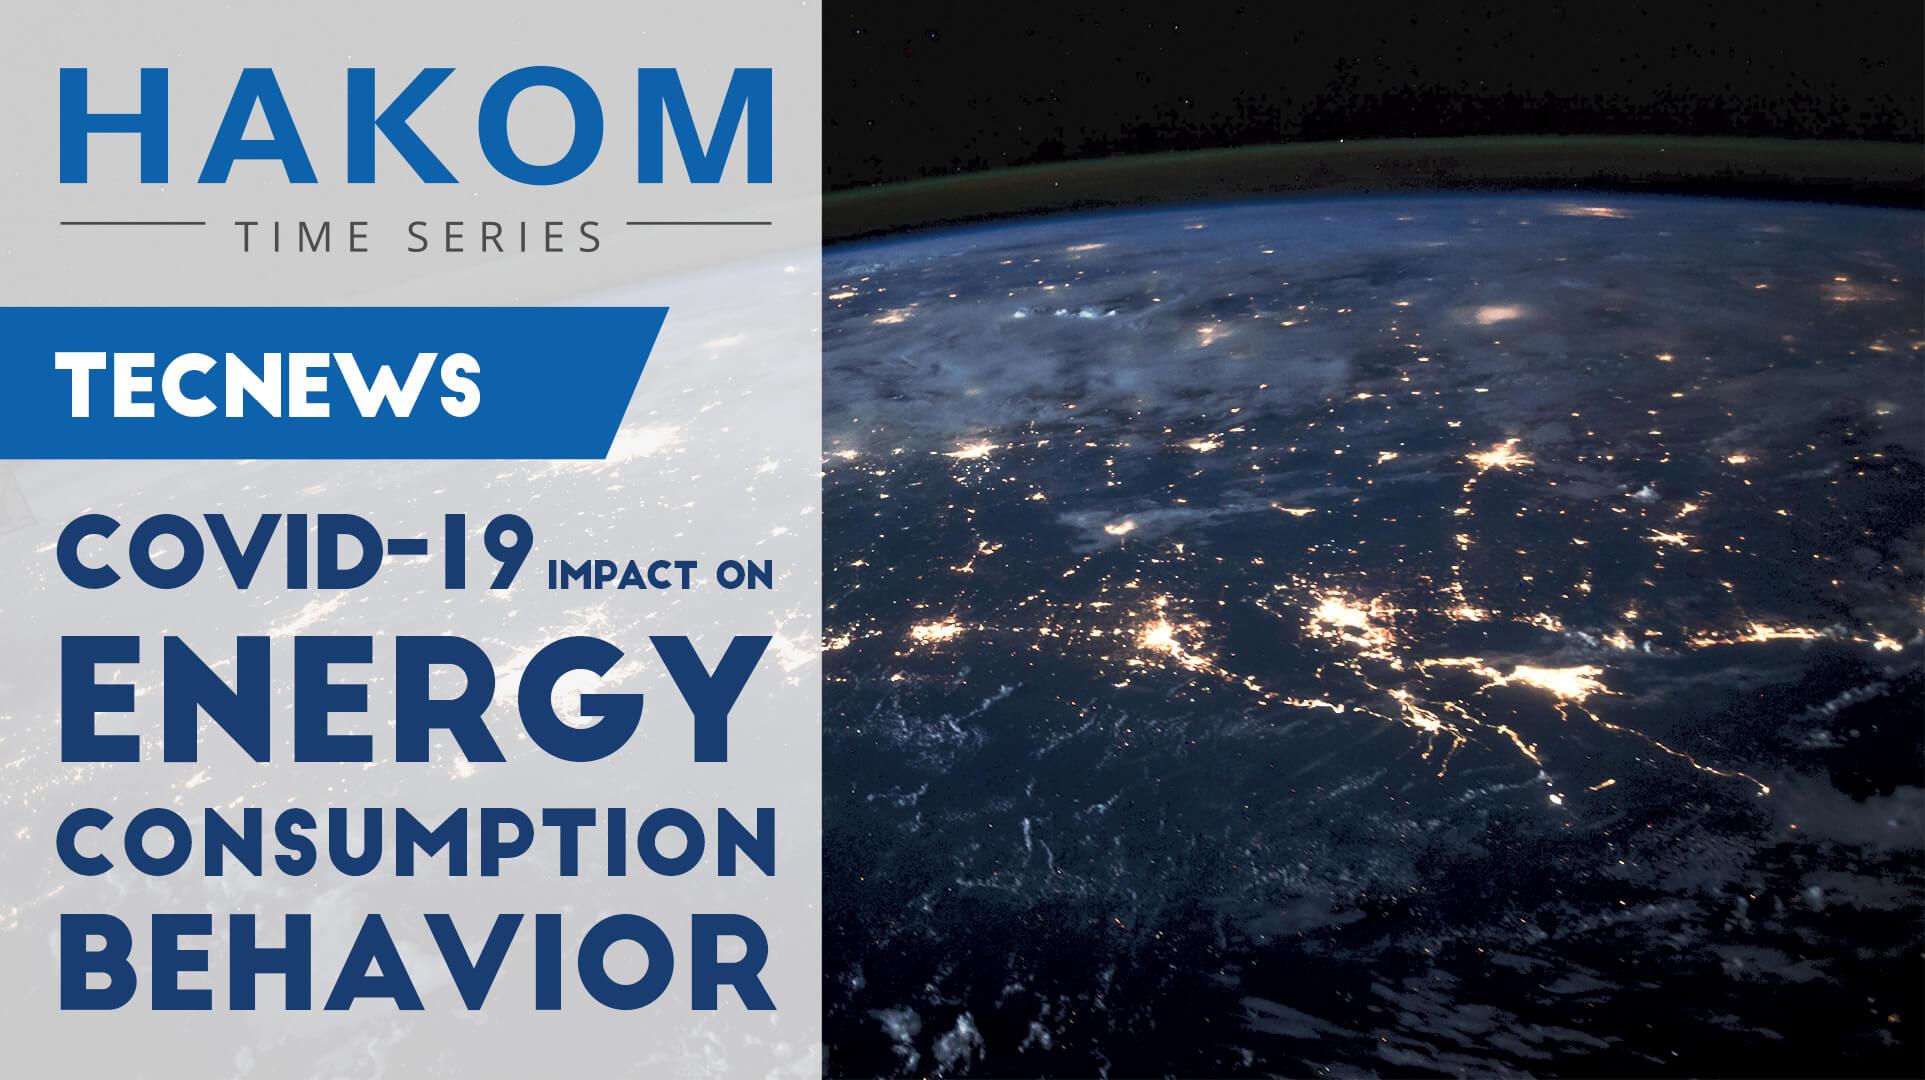 Covid-19 –impact on energy behavior.